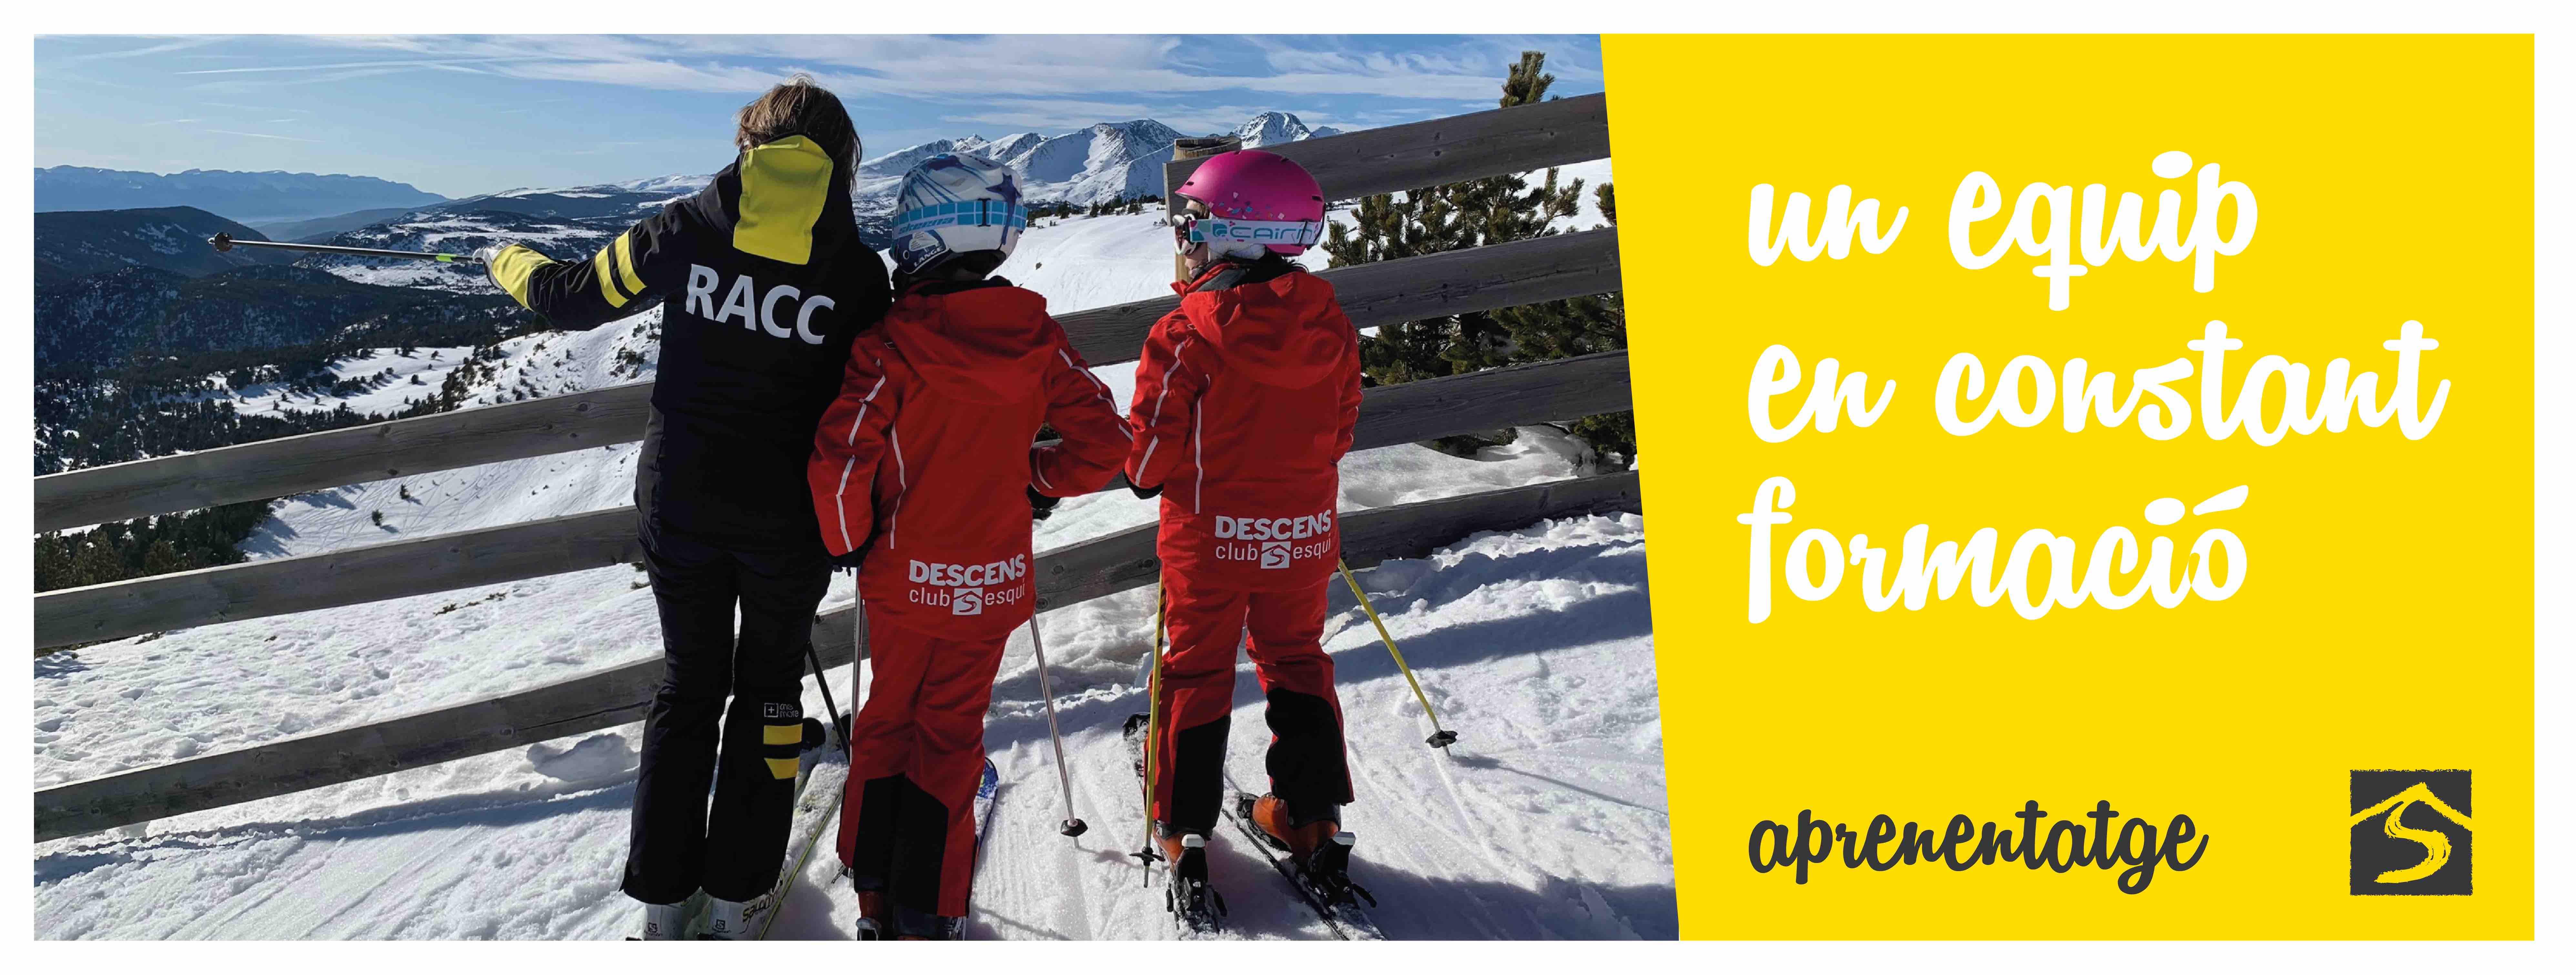 escola esqui descens